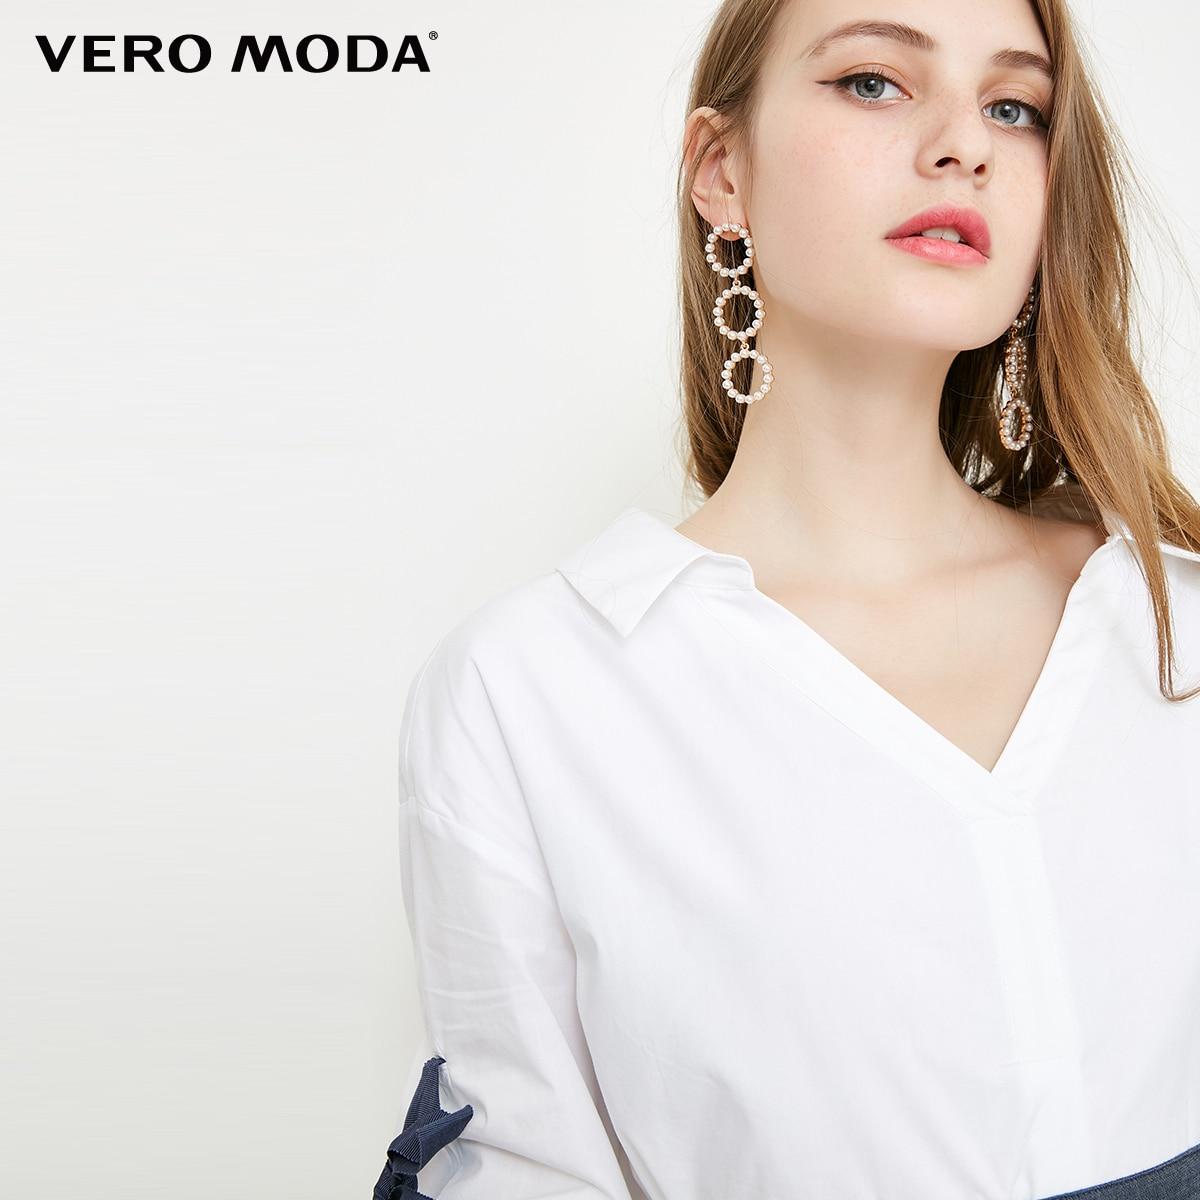 Vestidos vero moda verano 2019